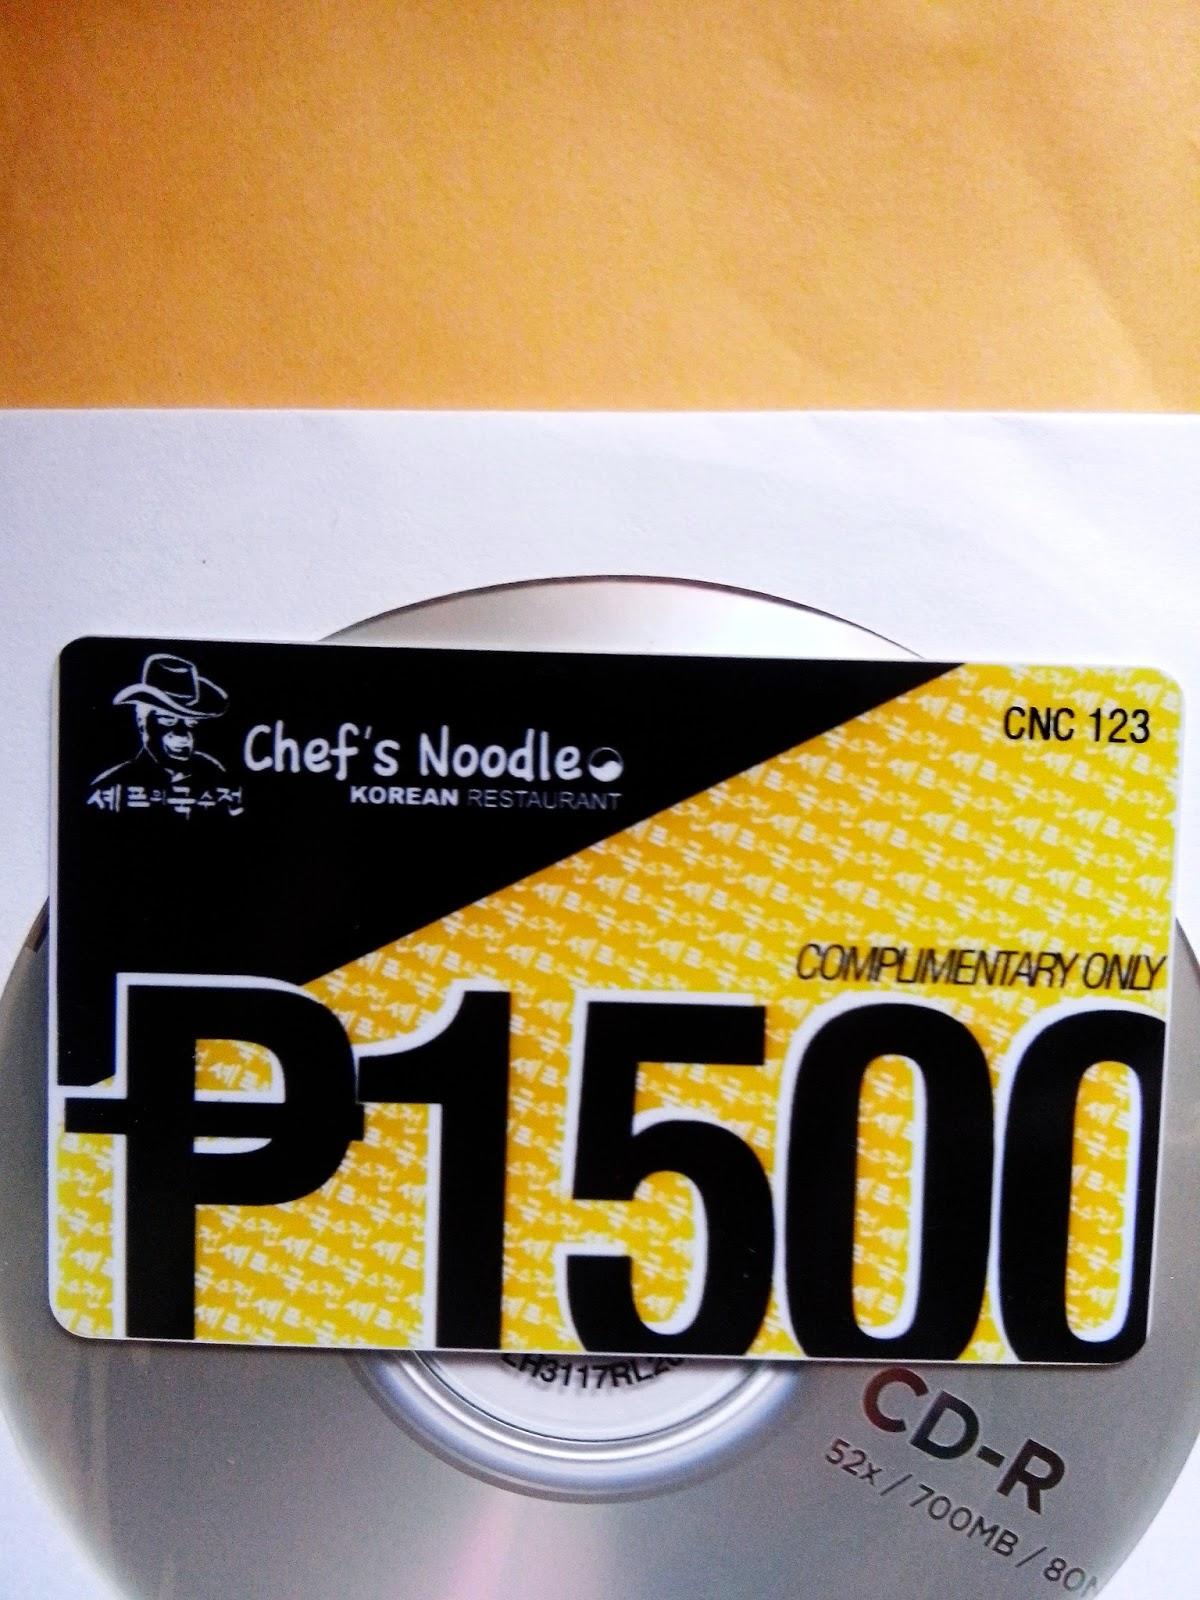 chefs noodle voucher